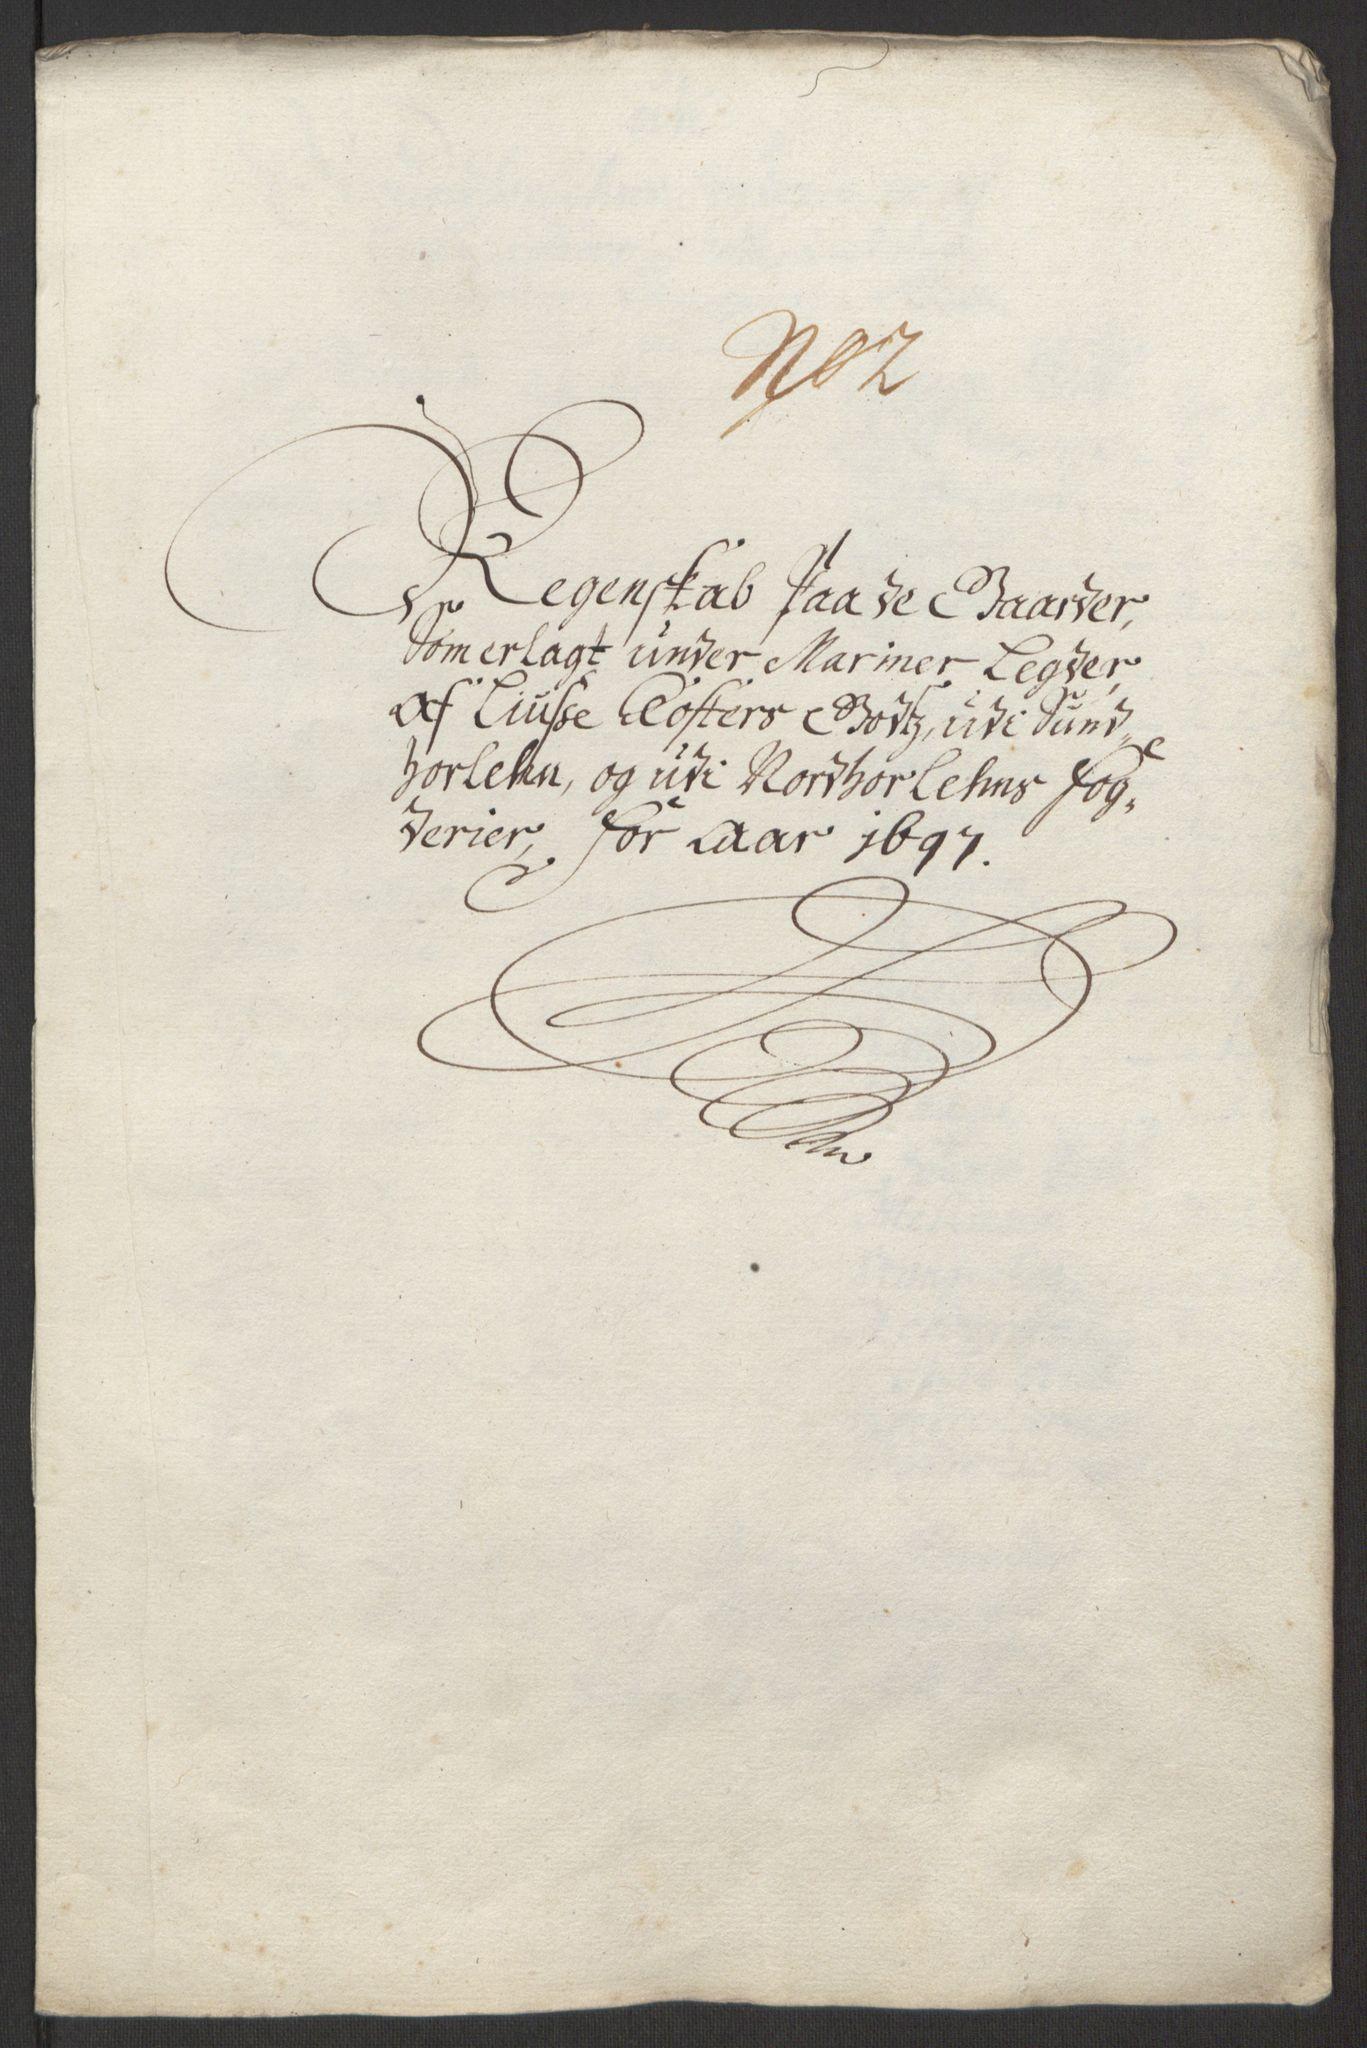 RA, Rentekammeret inntil 1814, Reviderte regnskaper, Fogderegnskap, R50/L3159: Fogderegnskap Lyse kloster, 1691-1709, s. 75